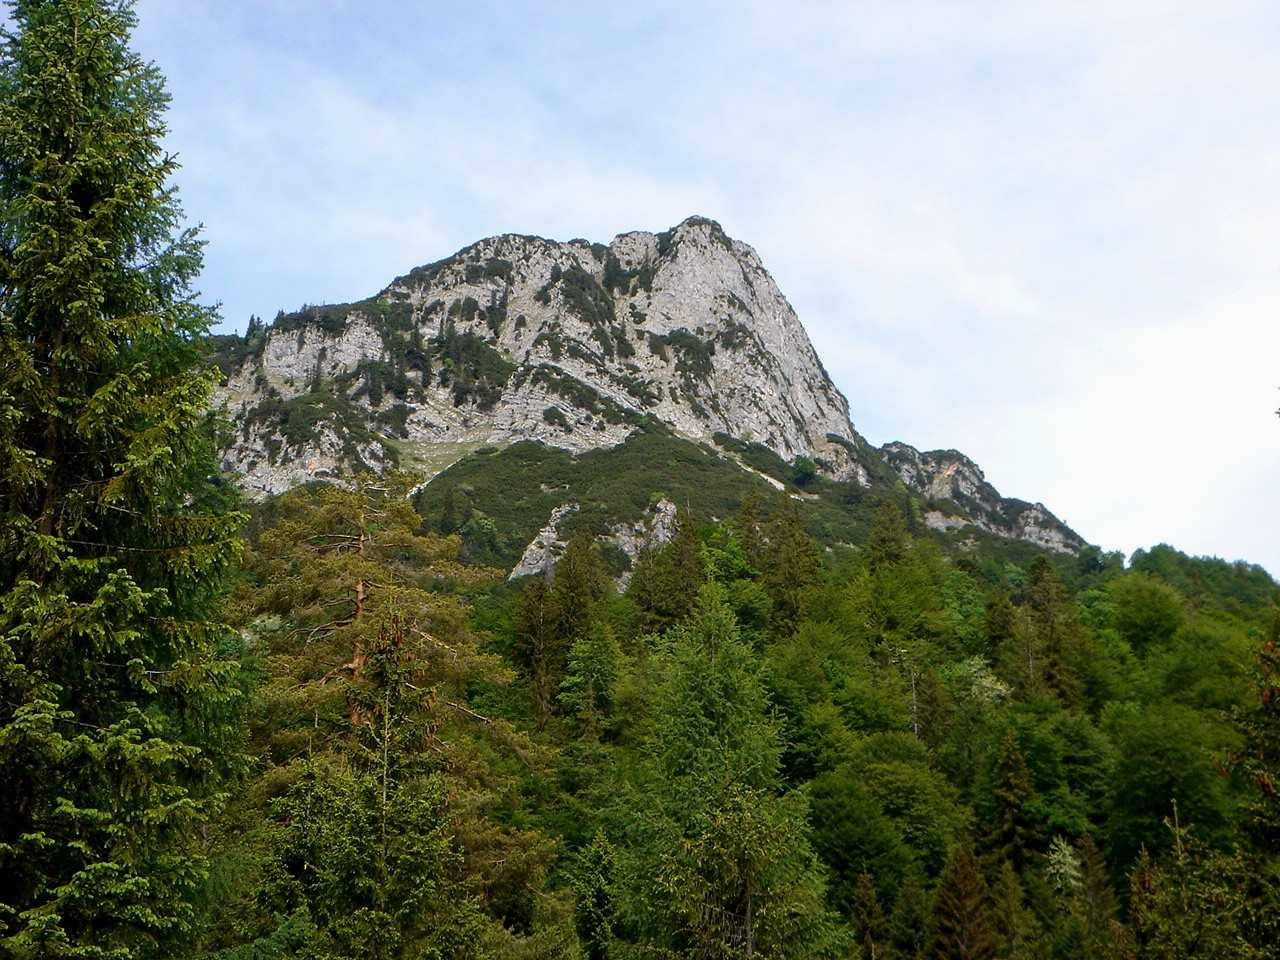 Foto: Manfred Karl / Wander Tour / Törlkopf, 1704 m / Von hier aus schaut der Törlkopf noch recht unnahbar aus. / 03.06.2007 20:42:12